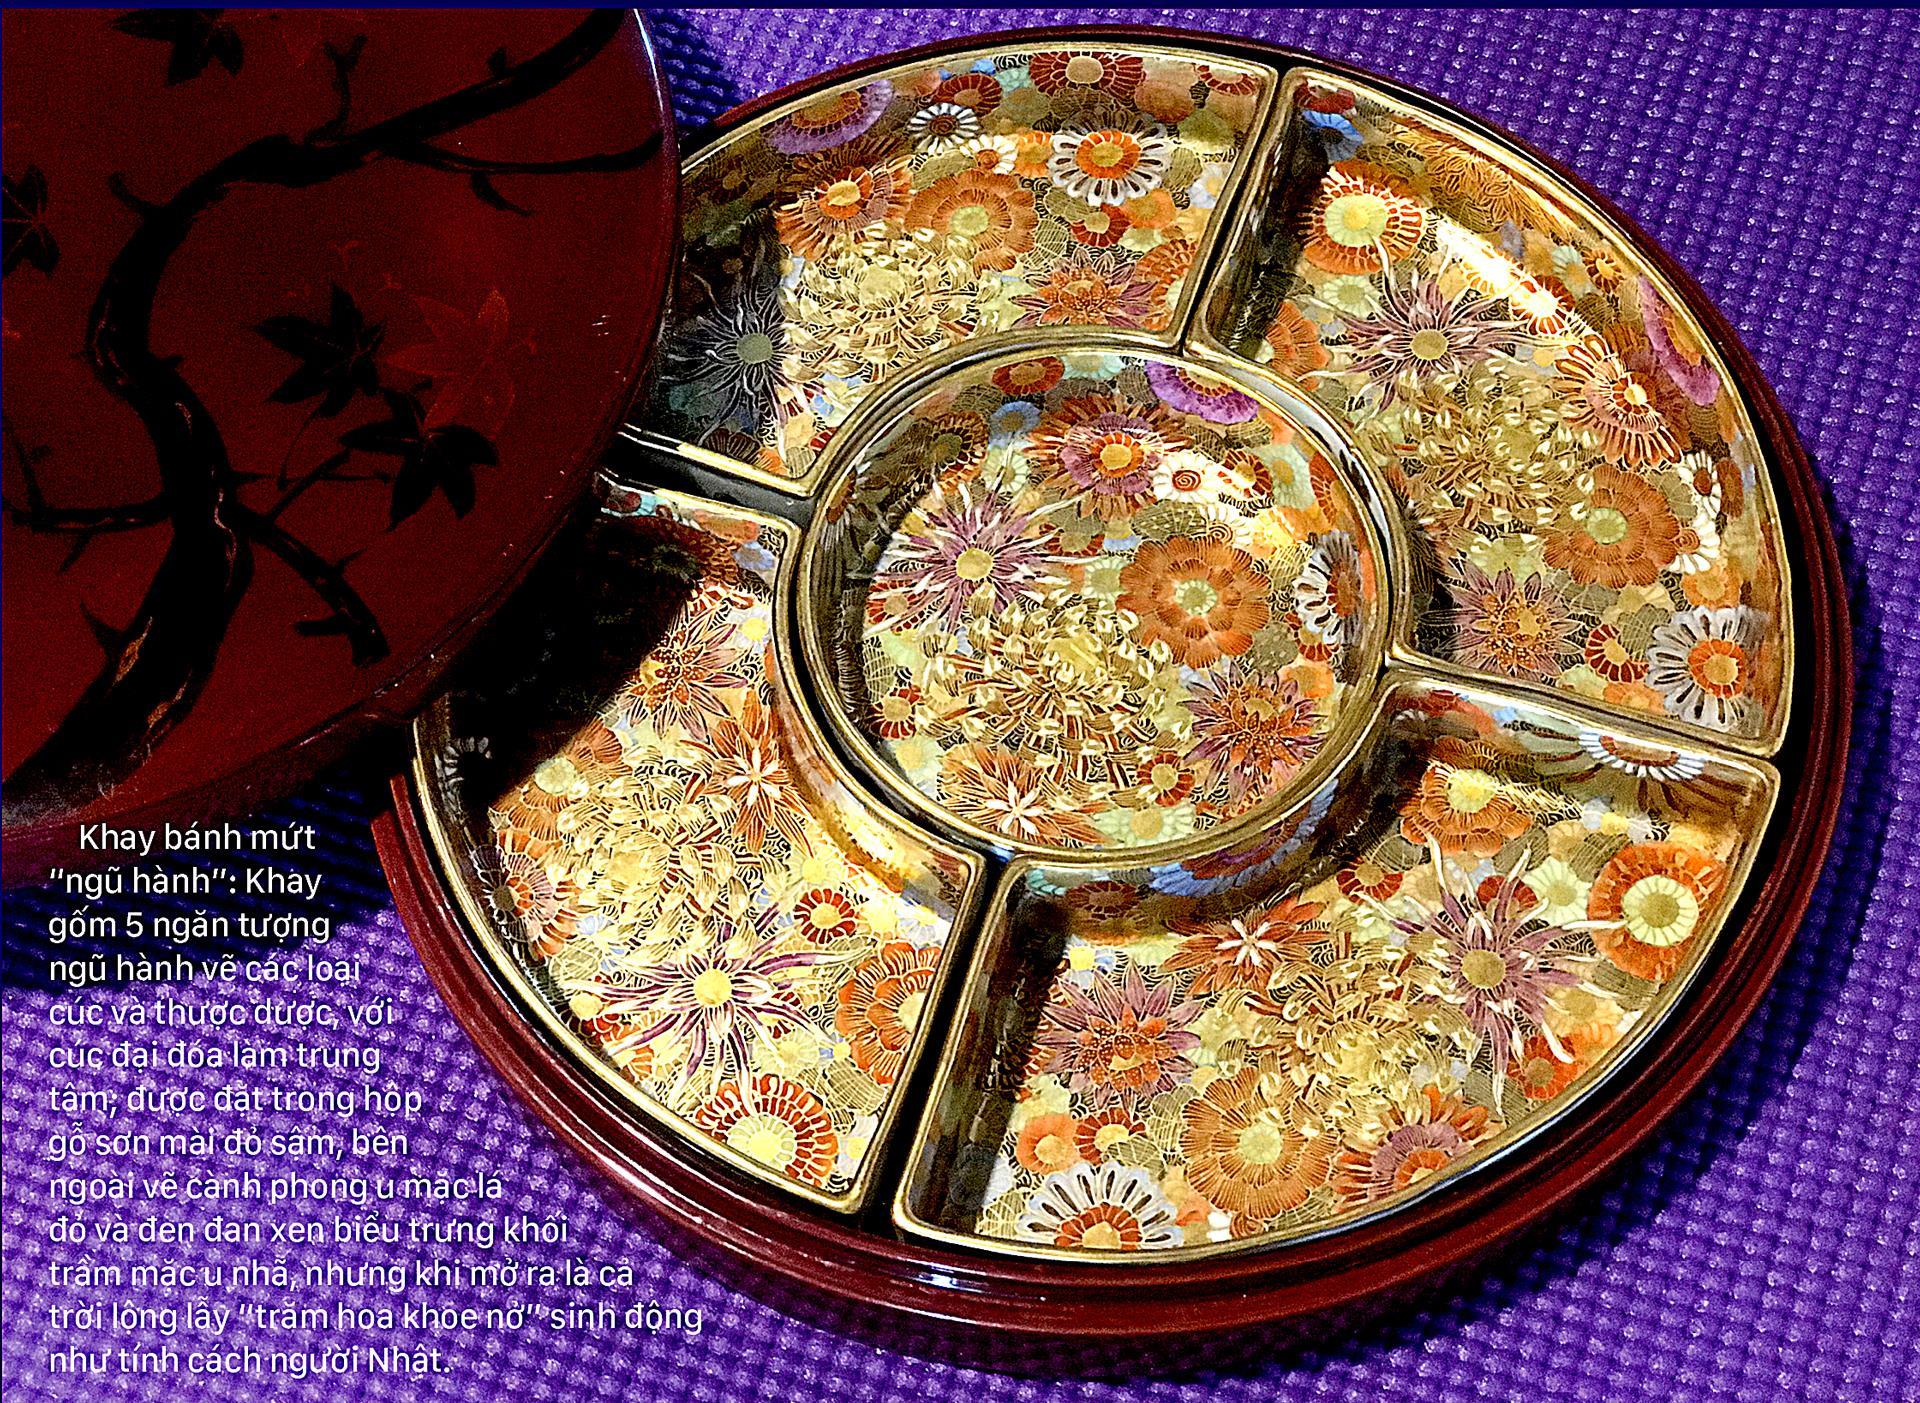 Nghệ thuật thị giác người Nhật qua gốm Bách hoa ảnh 1